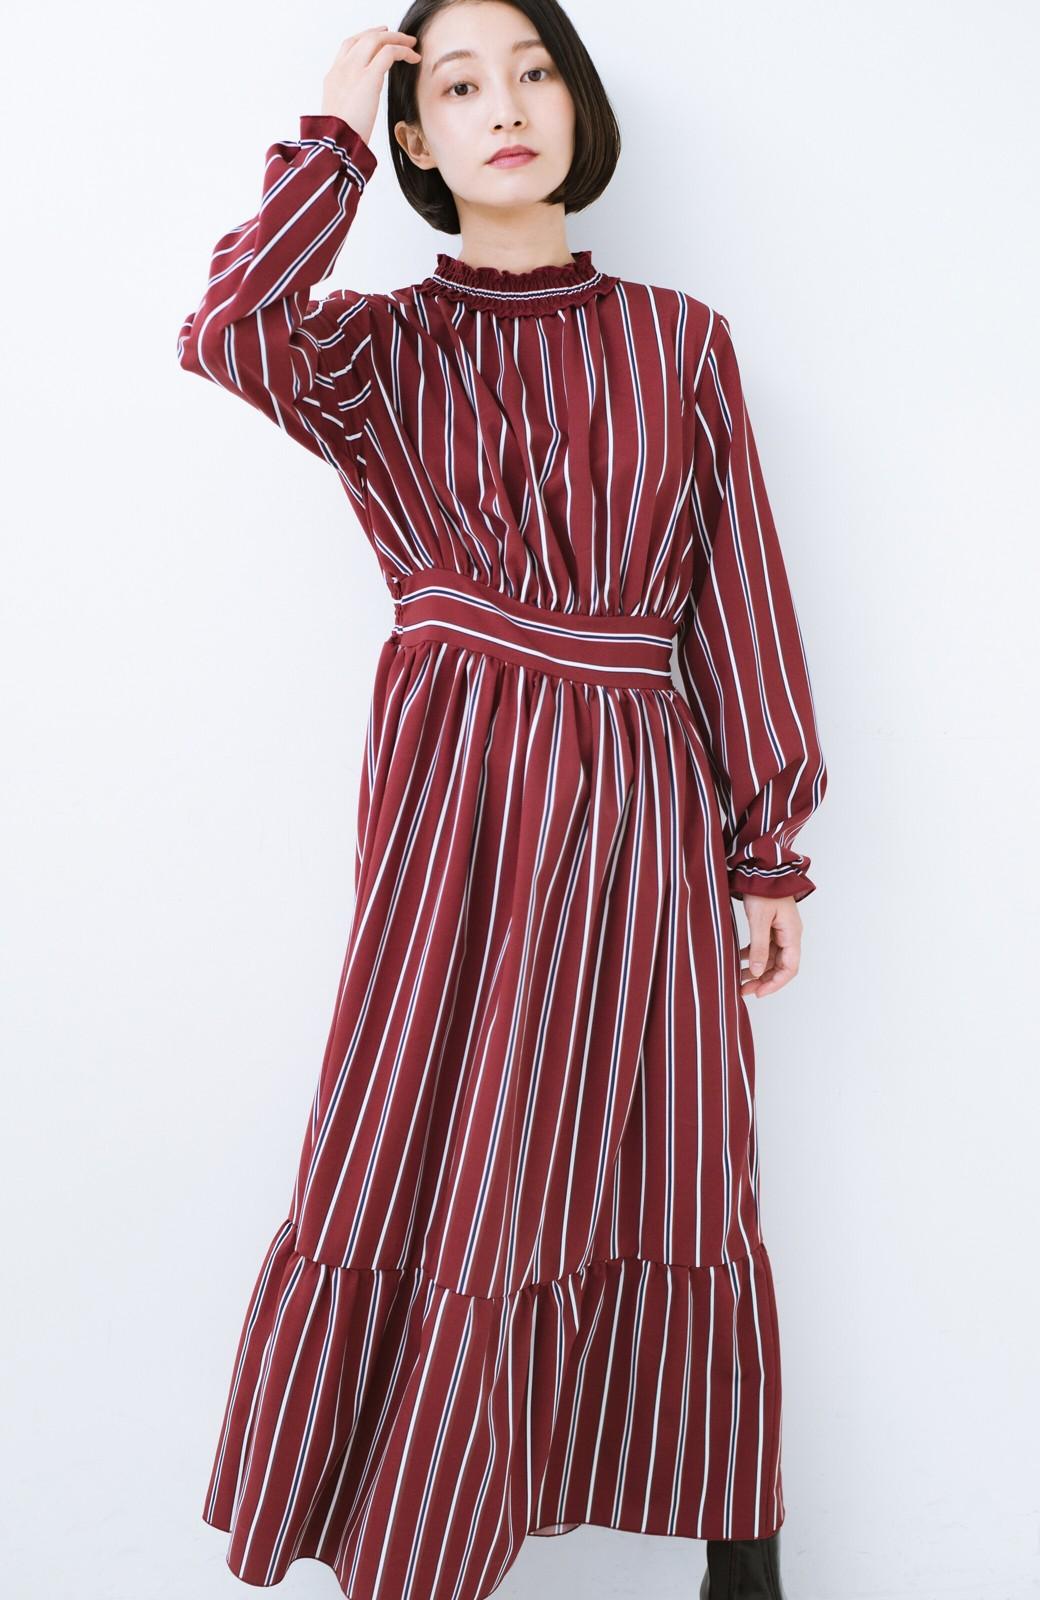 haco! 着るだけでテンション上げられる レジメンタルストライプのハイネックワンピース <ワインレッド>の商品写真11